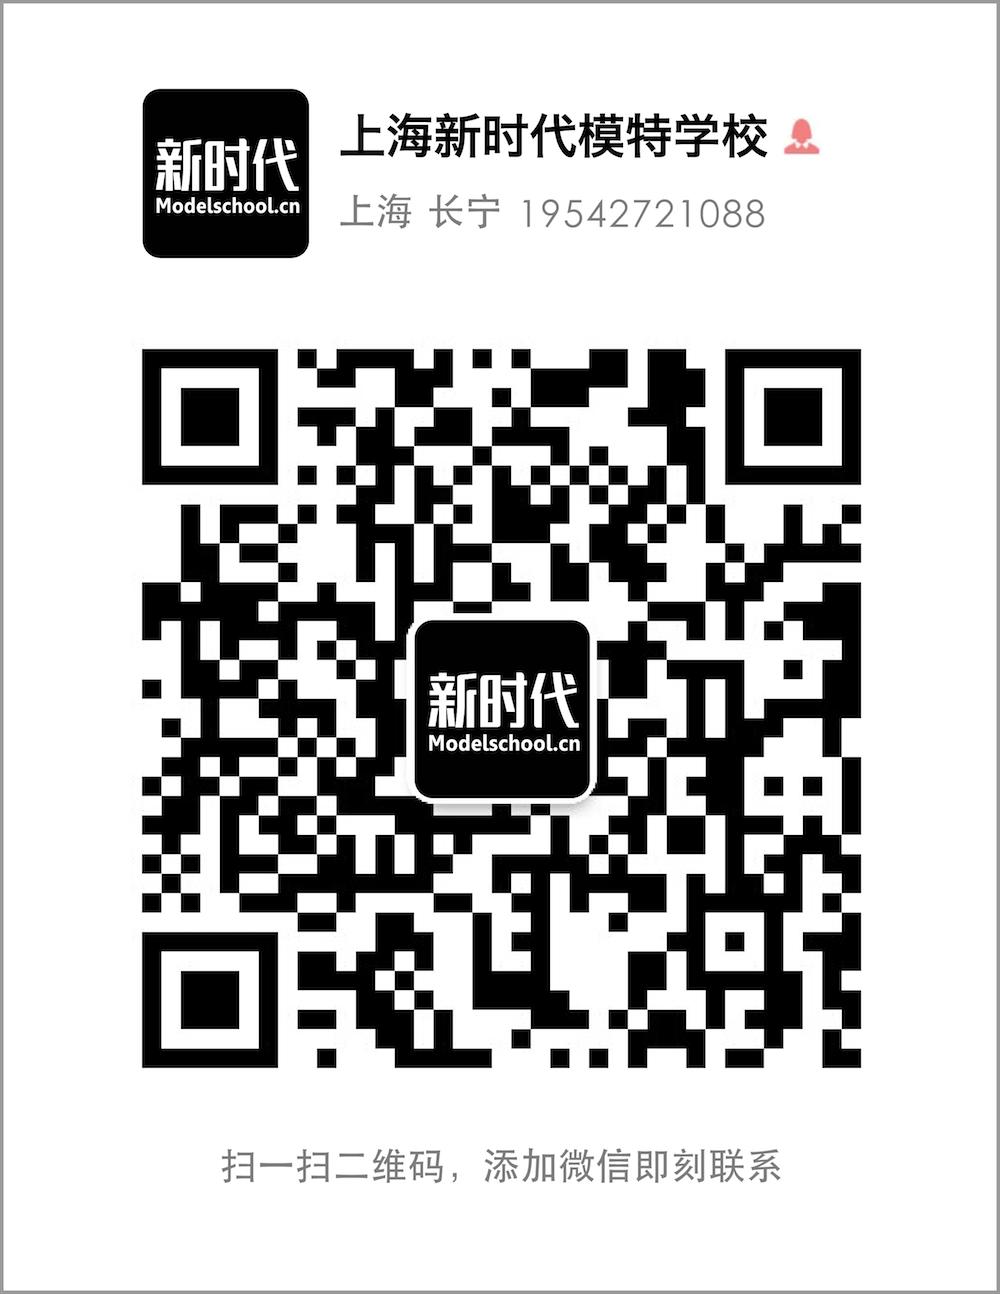 上海新时代模特学校